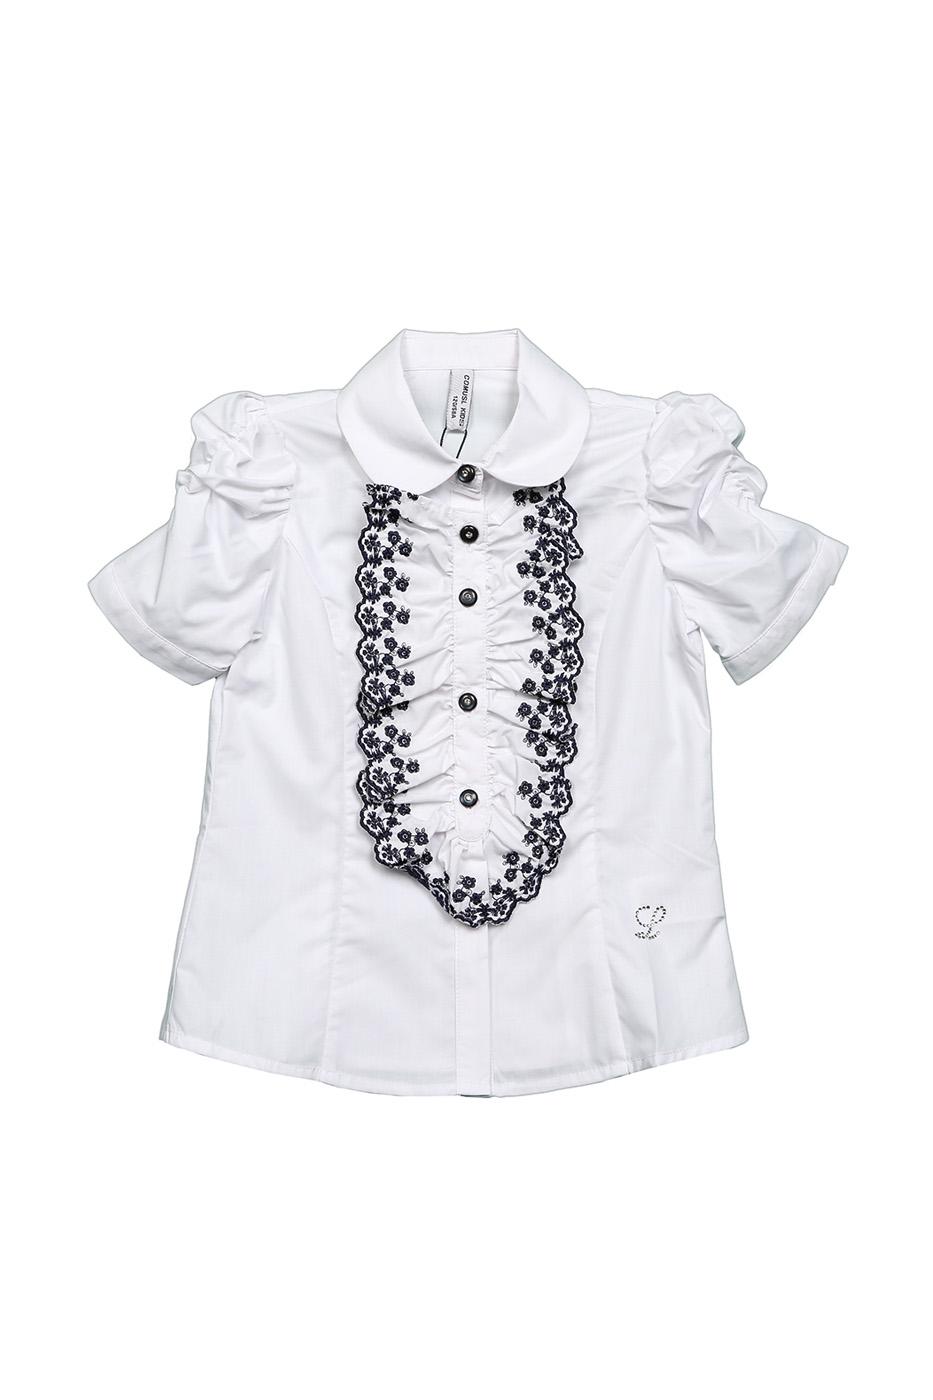 Купить CXFG7295SH, Блузка детская Comusl, цв. белый, р-р 120, Блузки для девочек